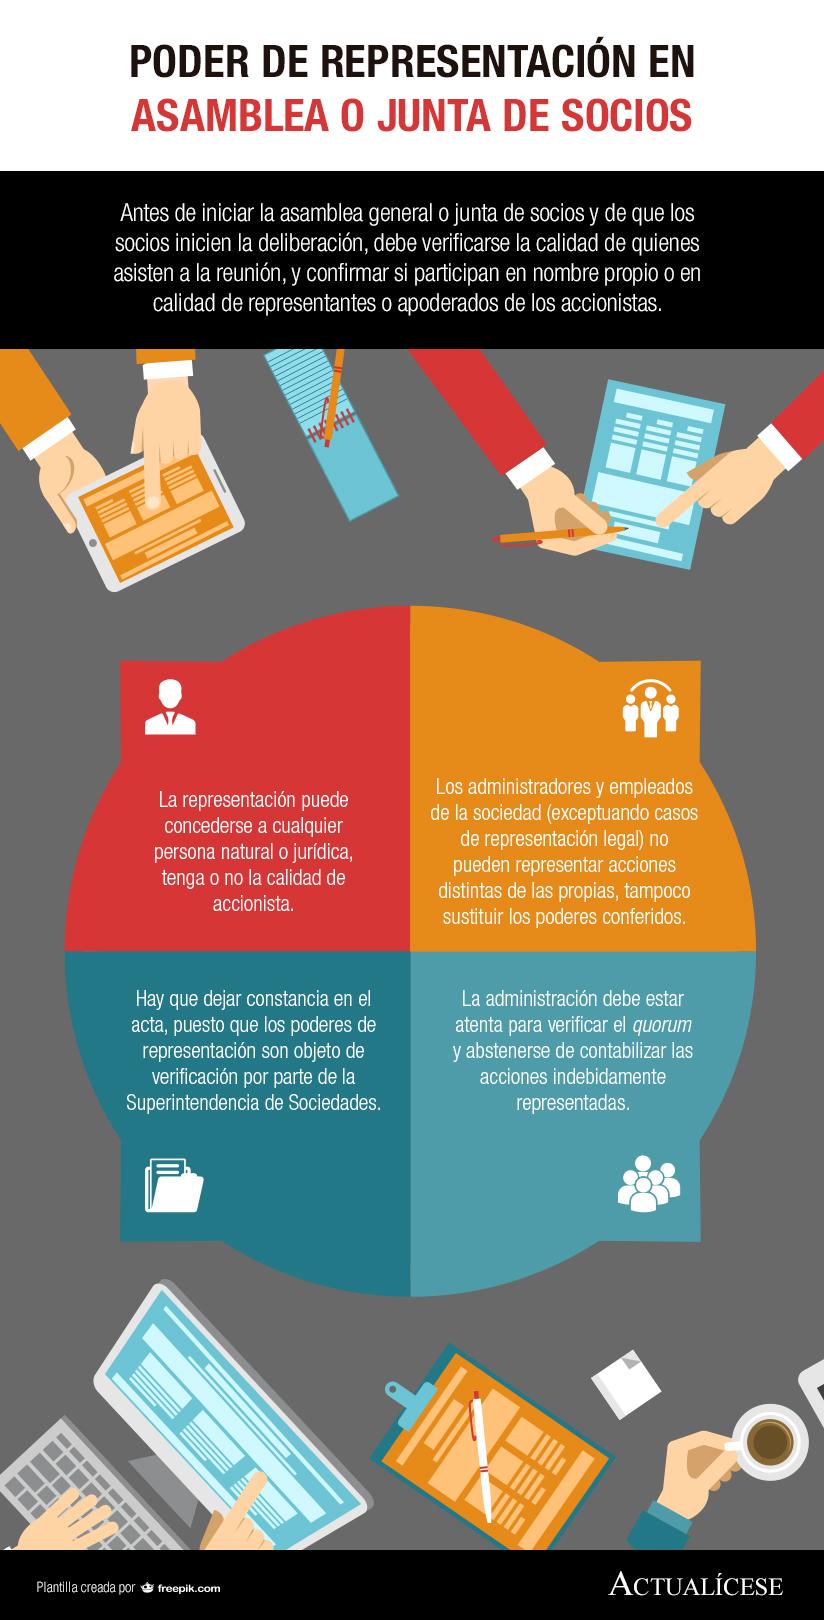 [Infografía] Poder de representación en asamblea o junta de socios